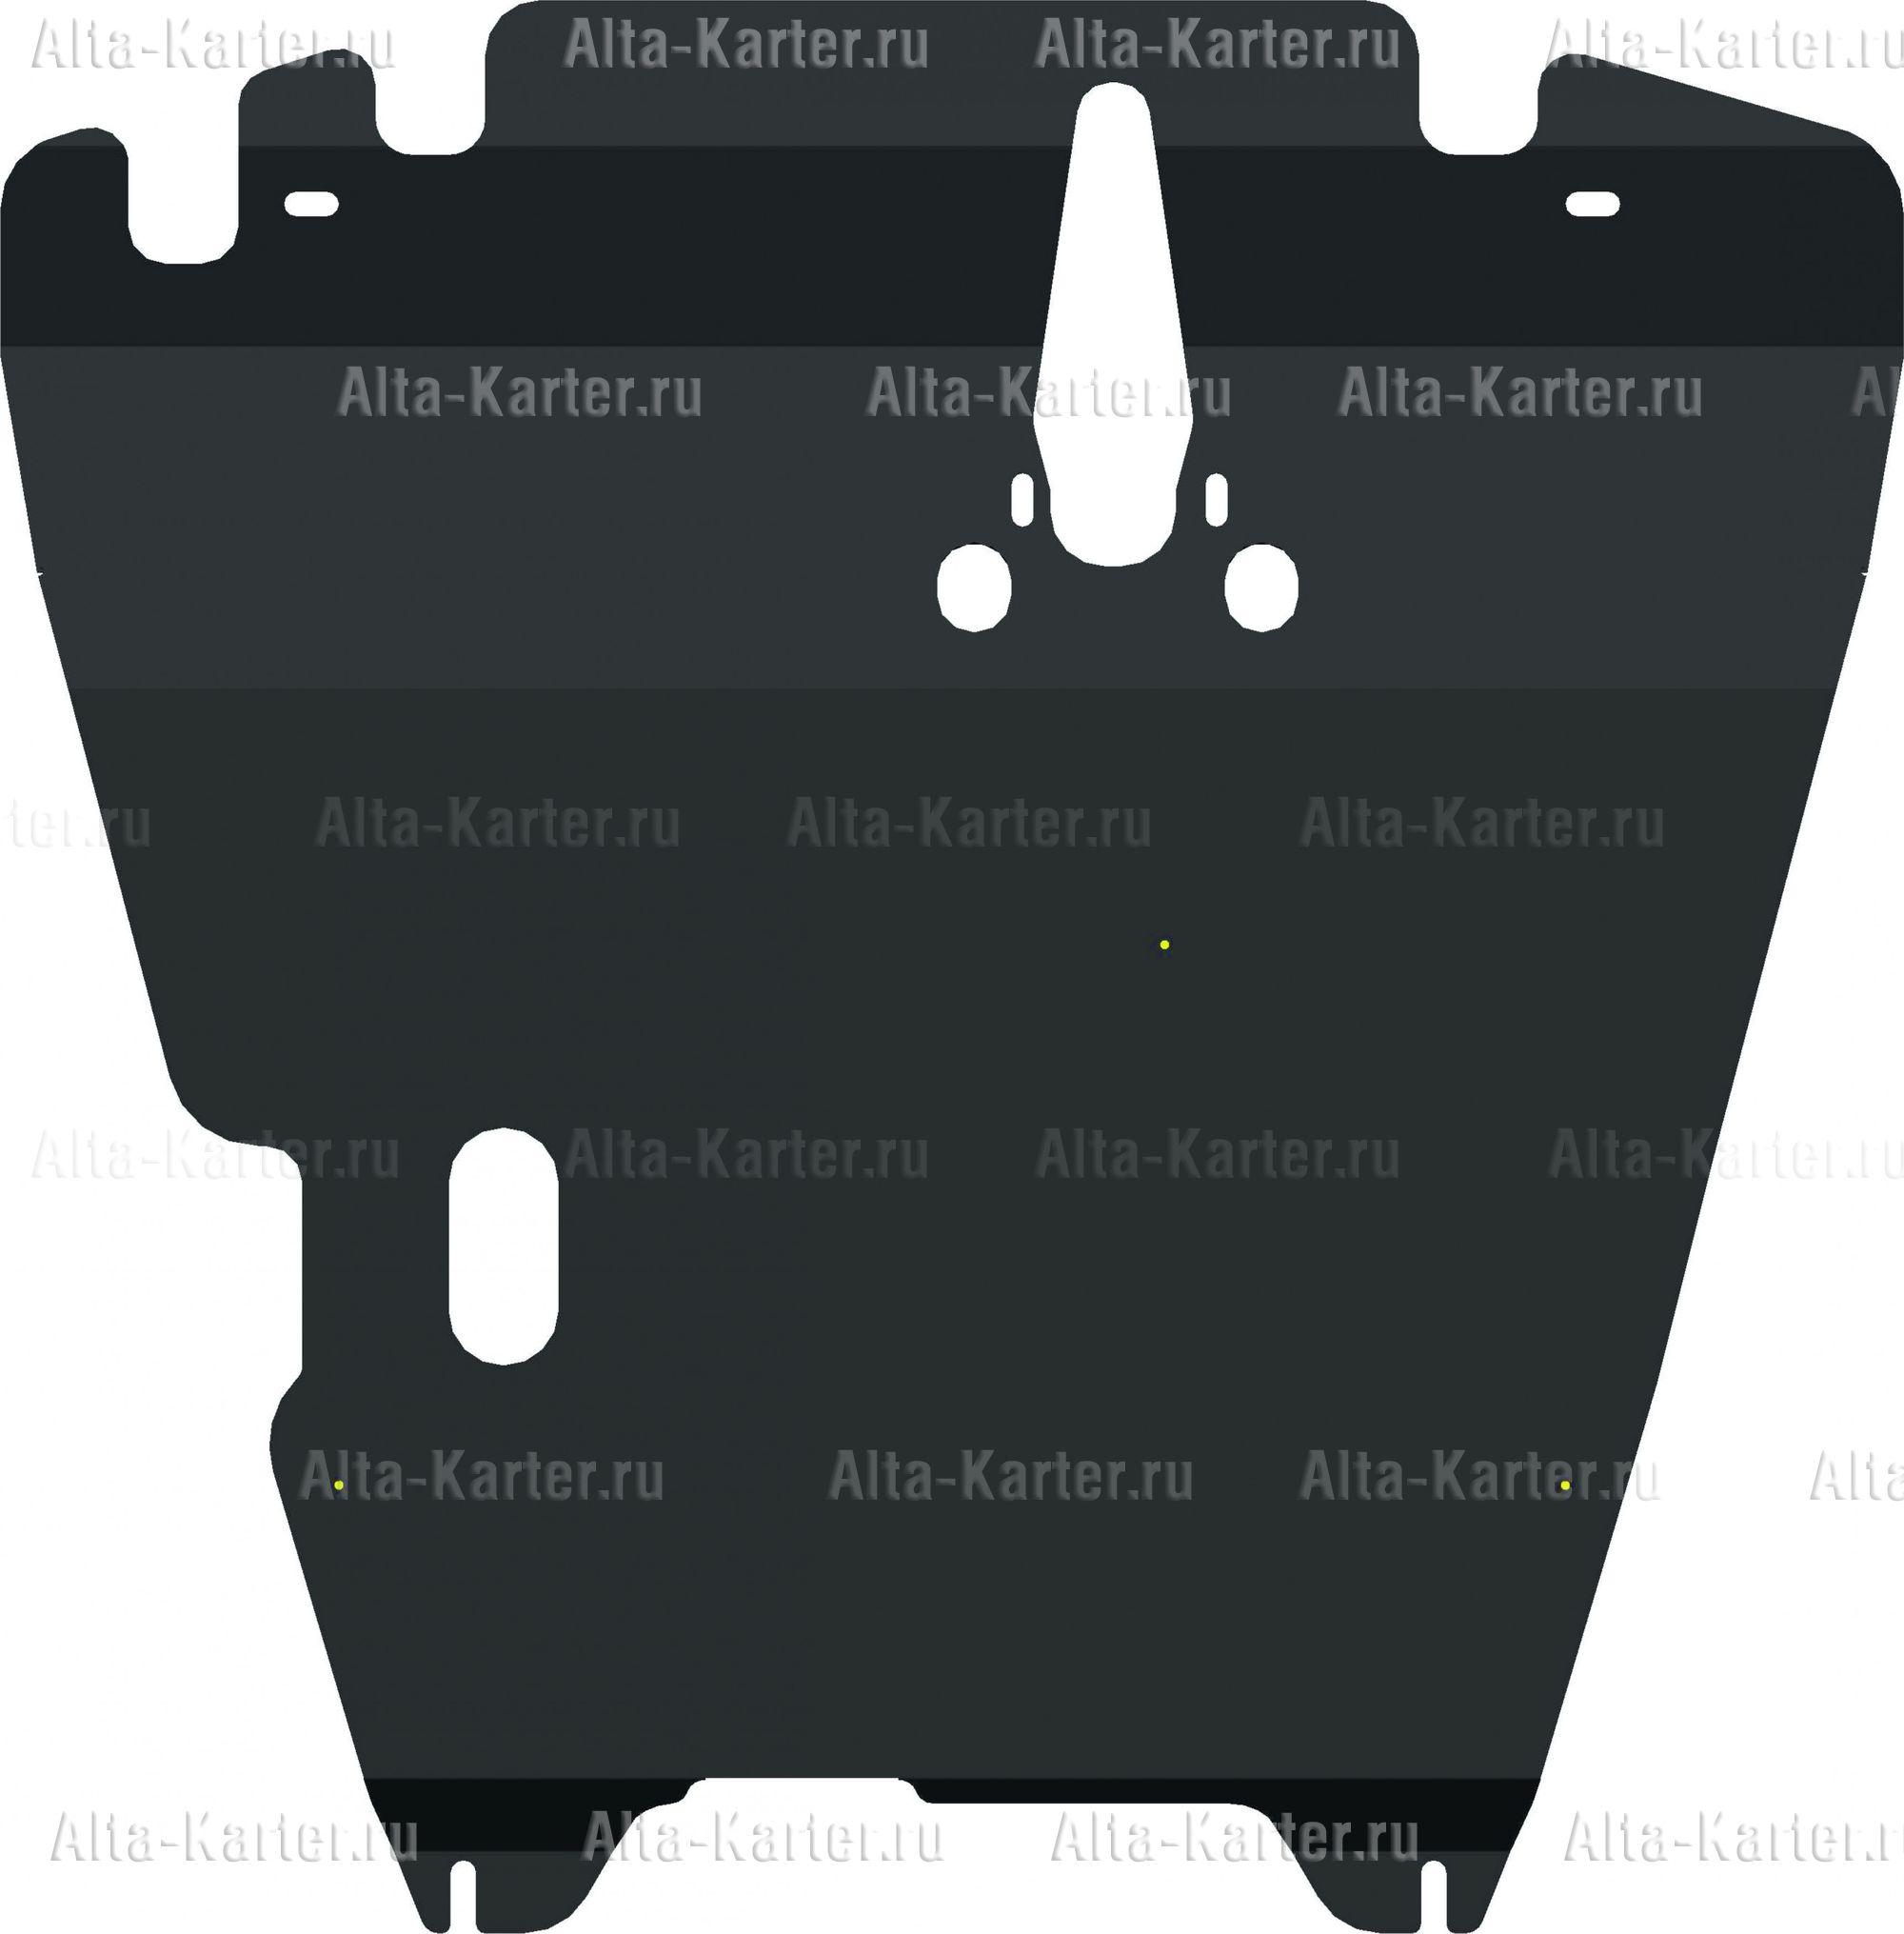 Защита Alfeco для картера и КПП Mitsubishi Lancer 9 2000-2007. Артикул ALF.14.01